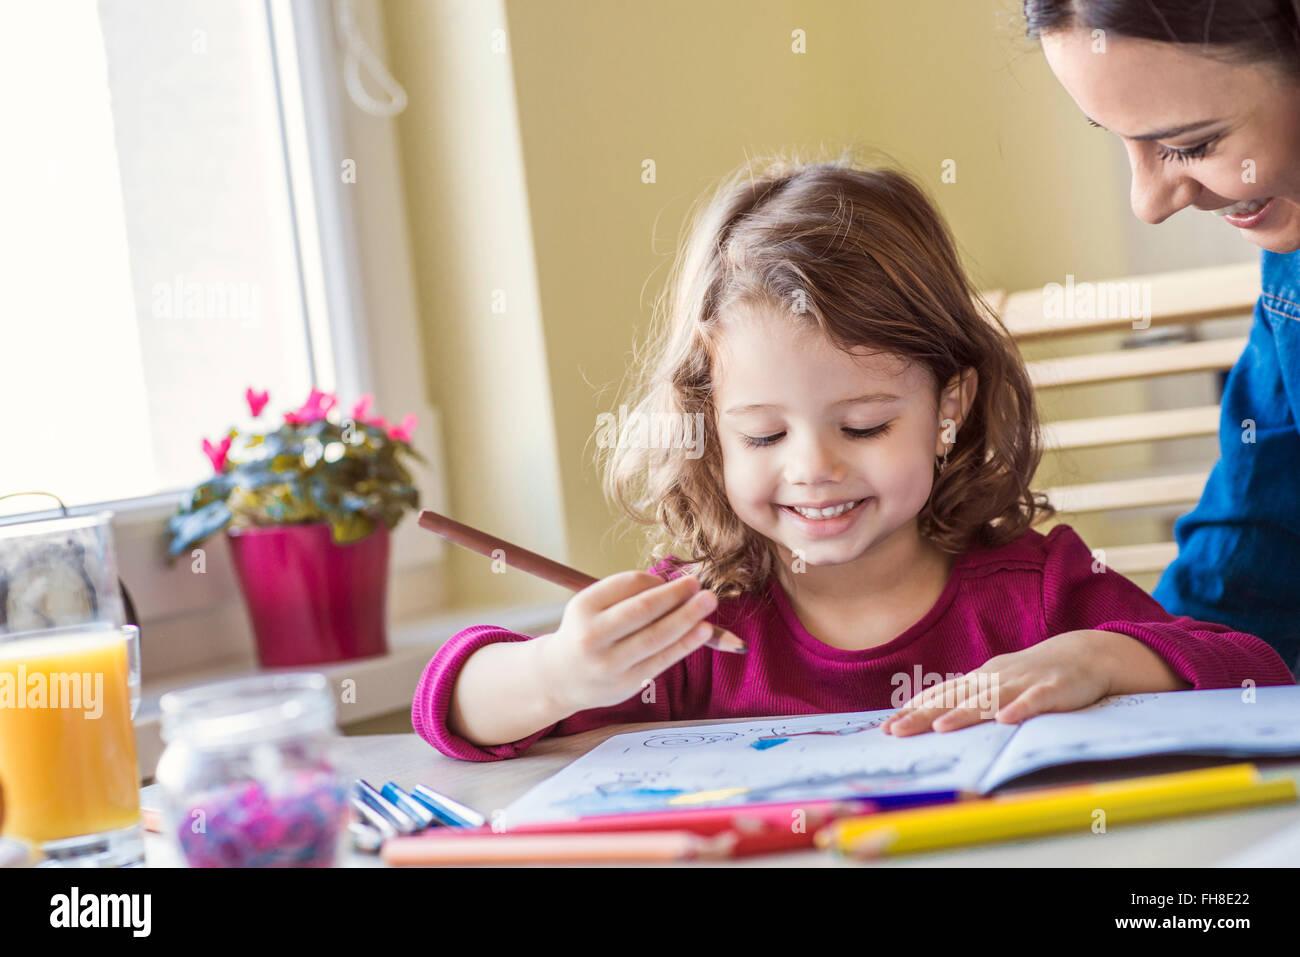 Porträt der lächelnde Mädchen malen mit Buntstiften Stockbild